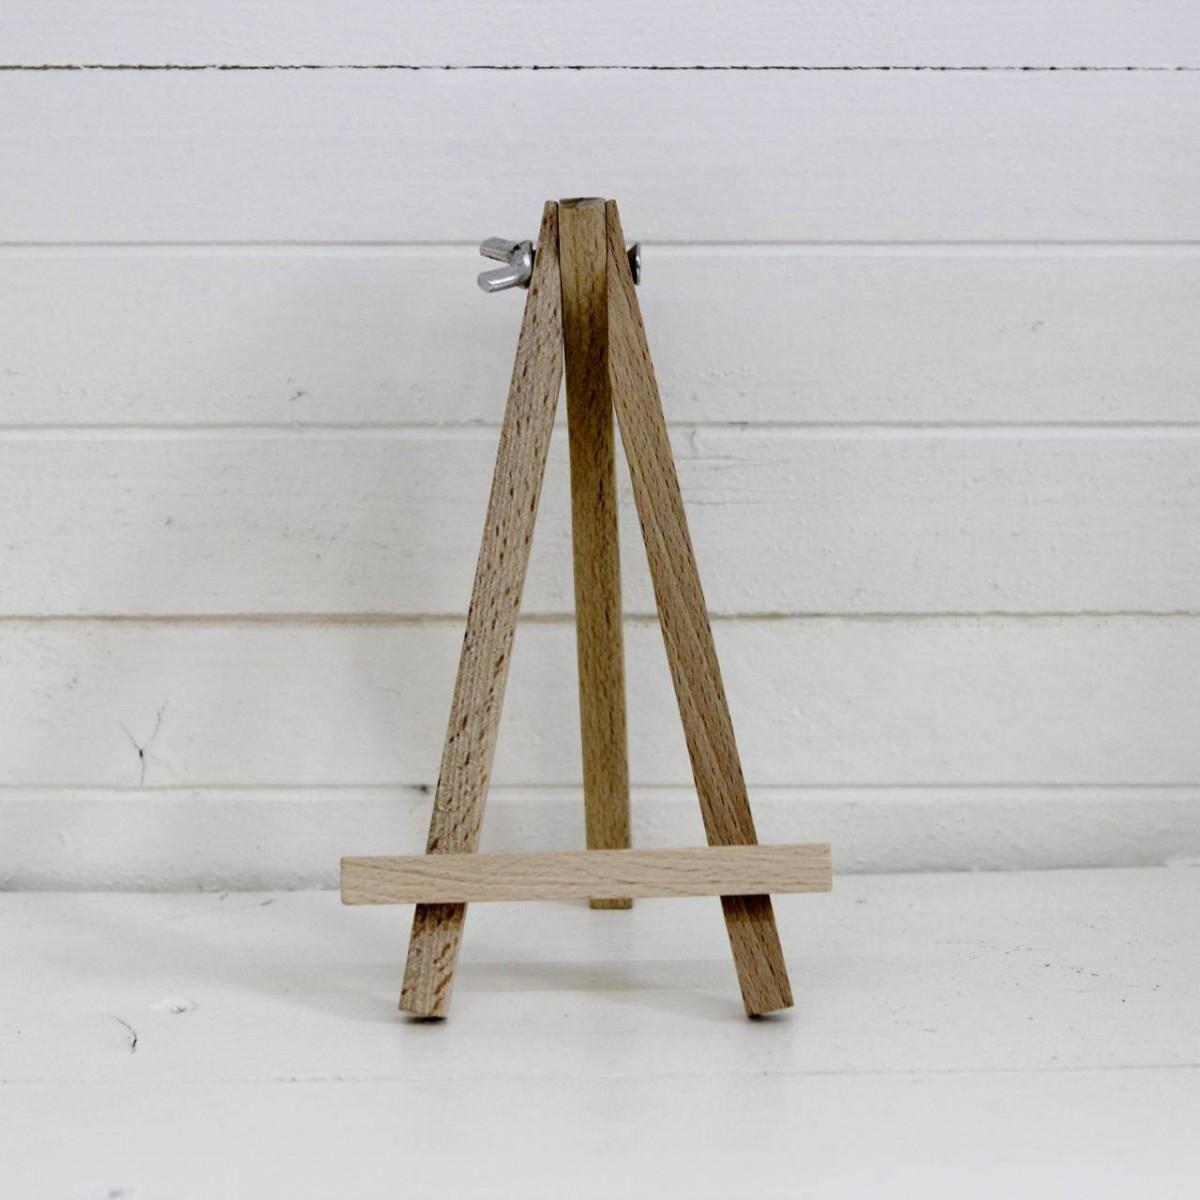 un ami petit chevalet en bois nom de votre ami adresse e mail de votre  ~ Petit Support En Bois